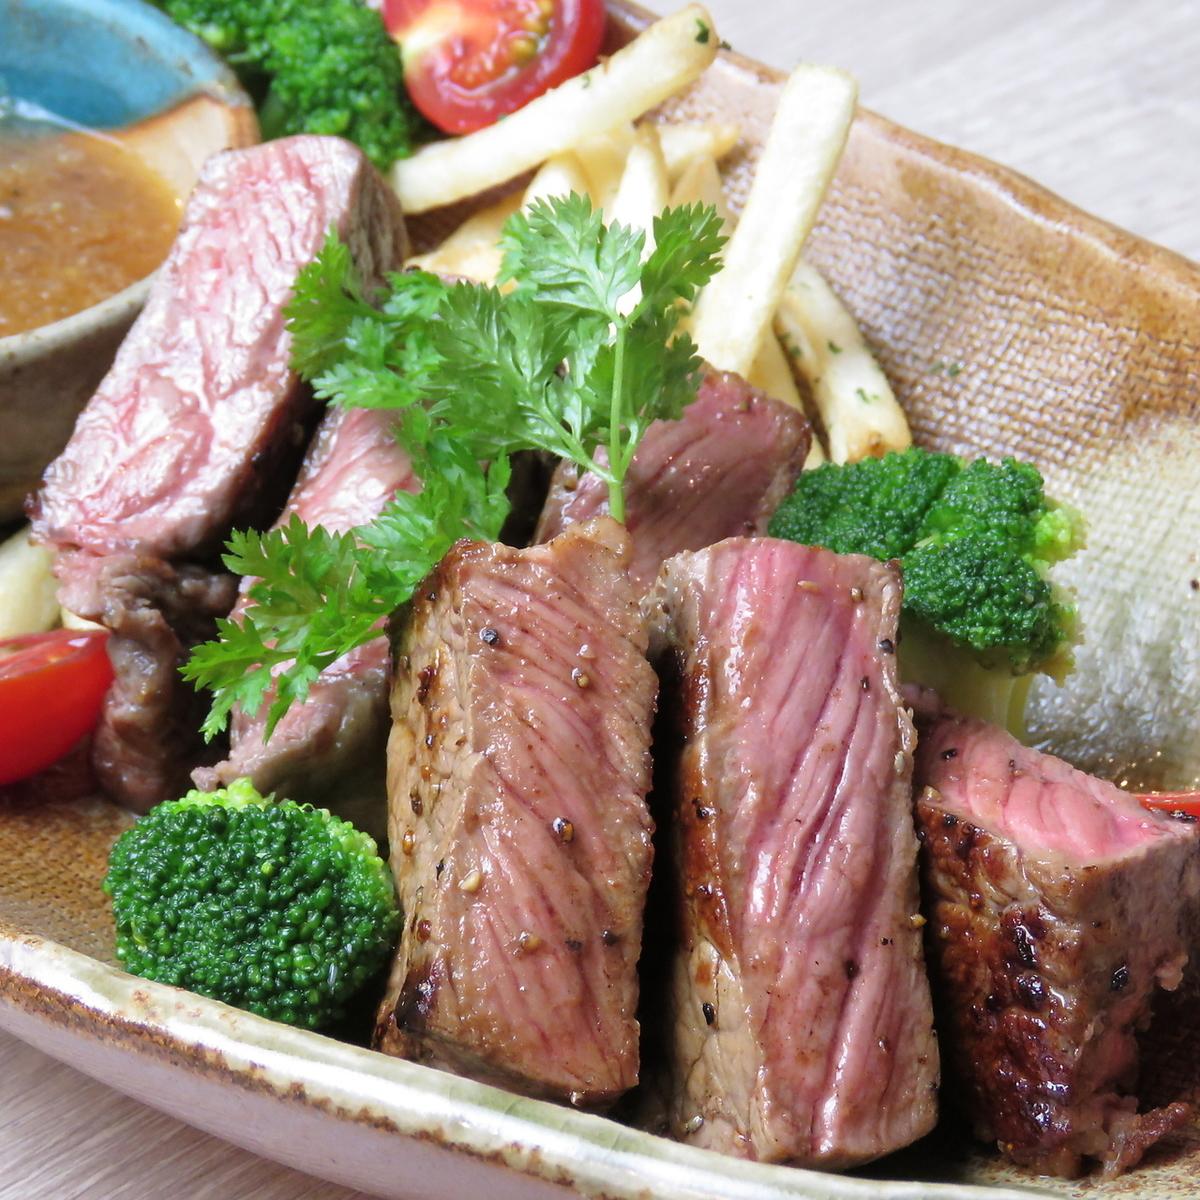 CAFETORA steak